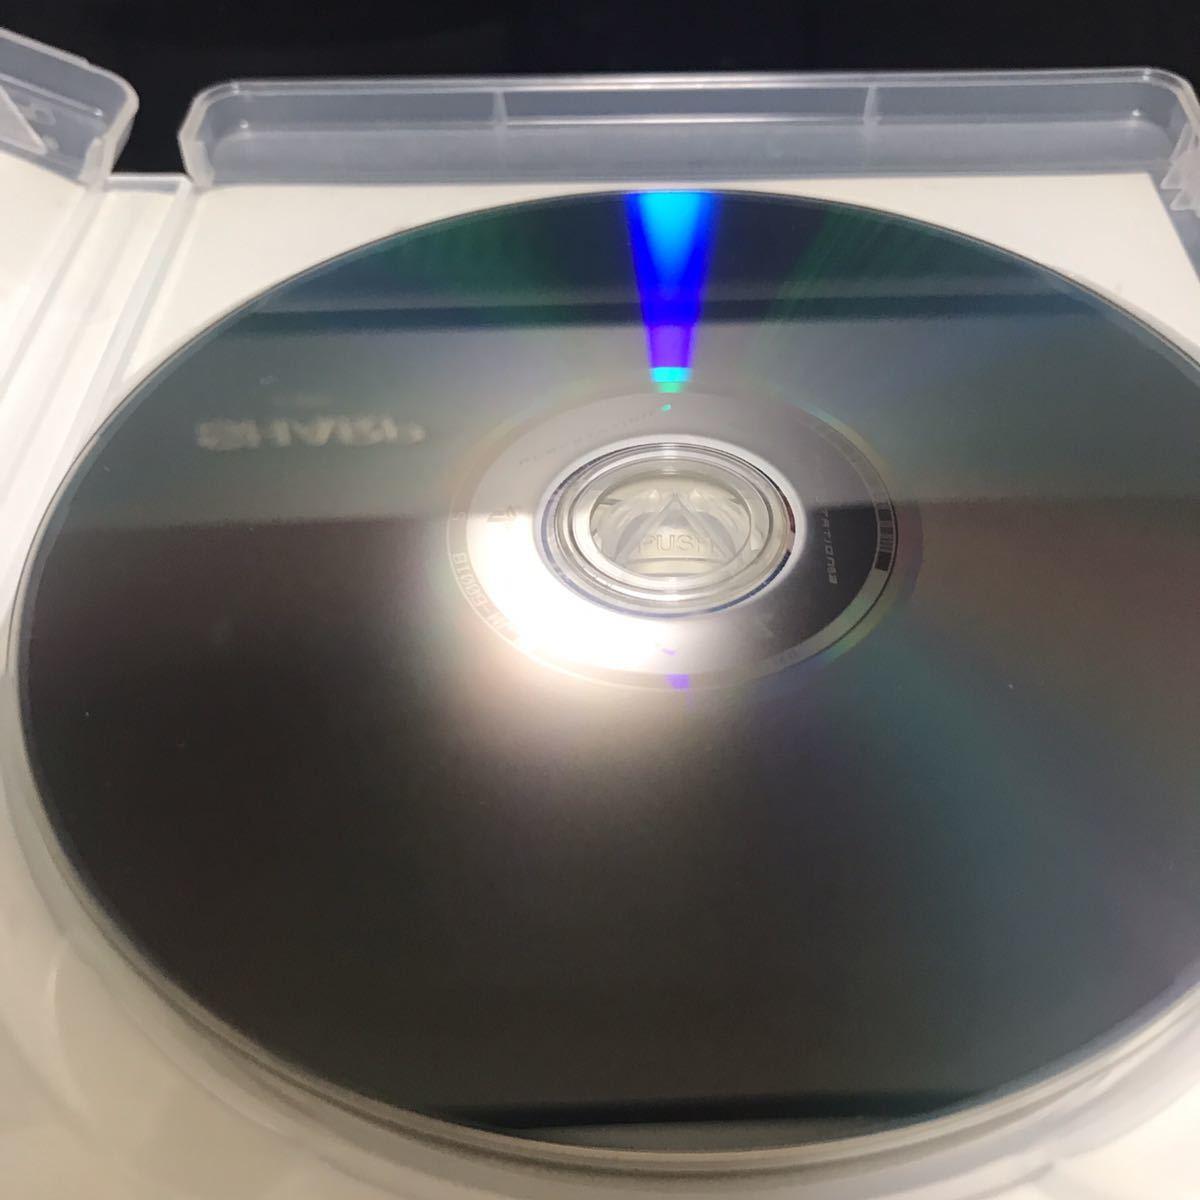 ガンダム無双 PS3 アクションゲーム 取扱説明書なし